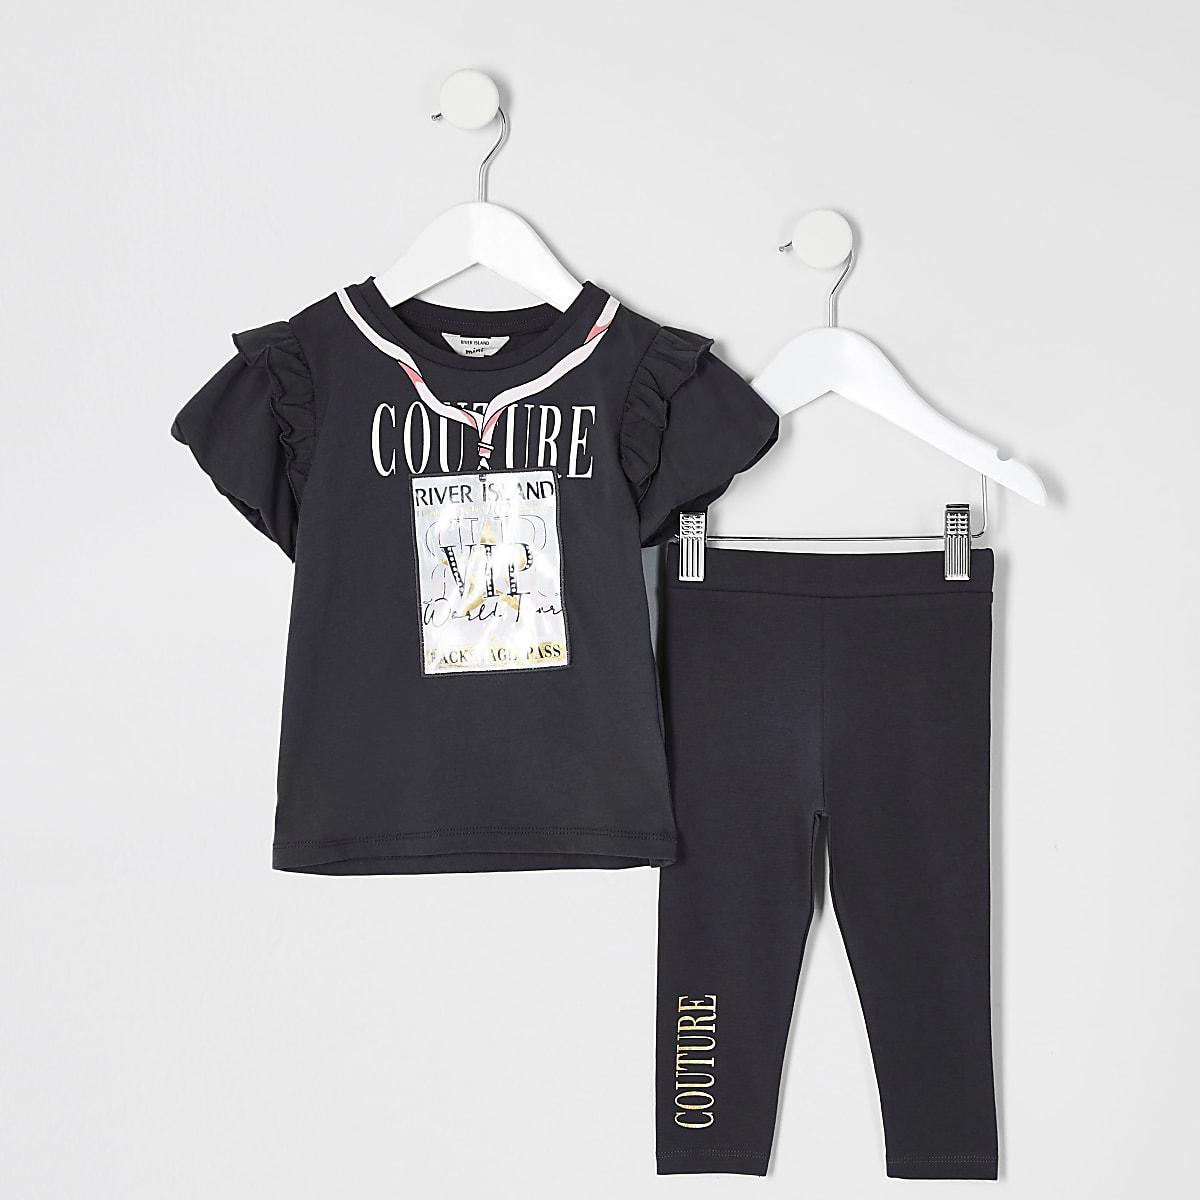 Mini - Grijzeoutfit met 3D 'VIP' pass  T-shirt voor meisjes